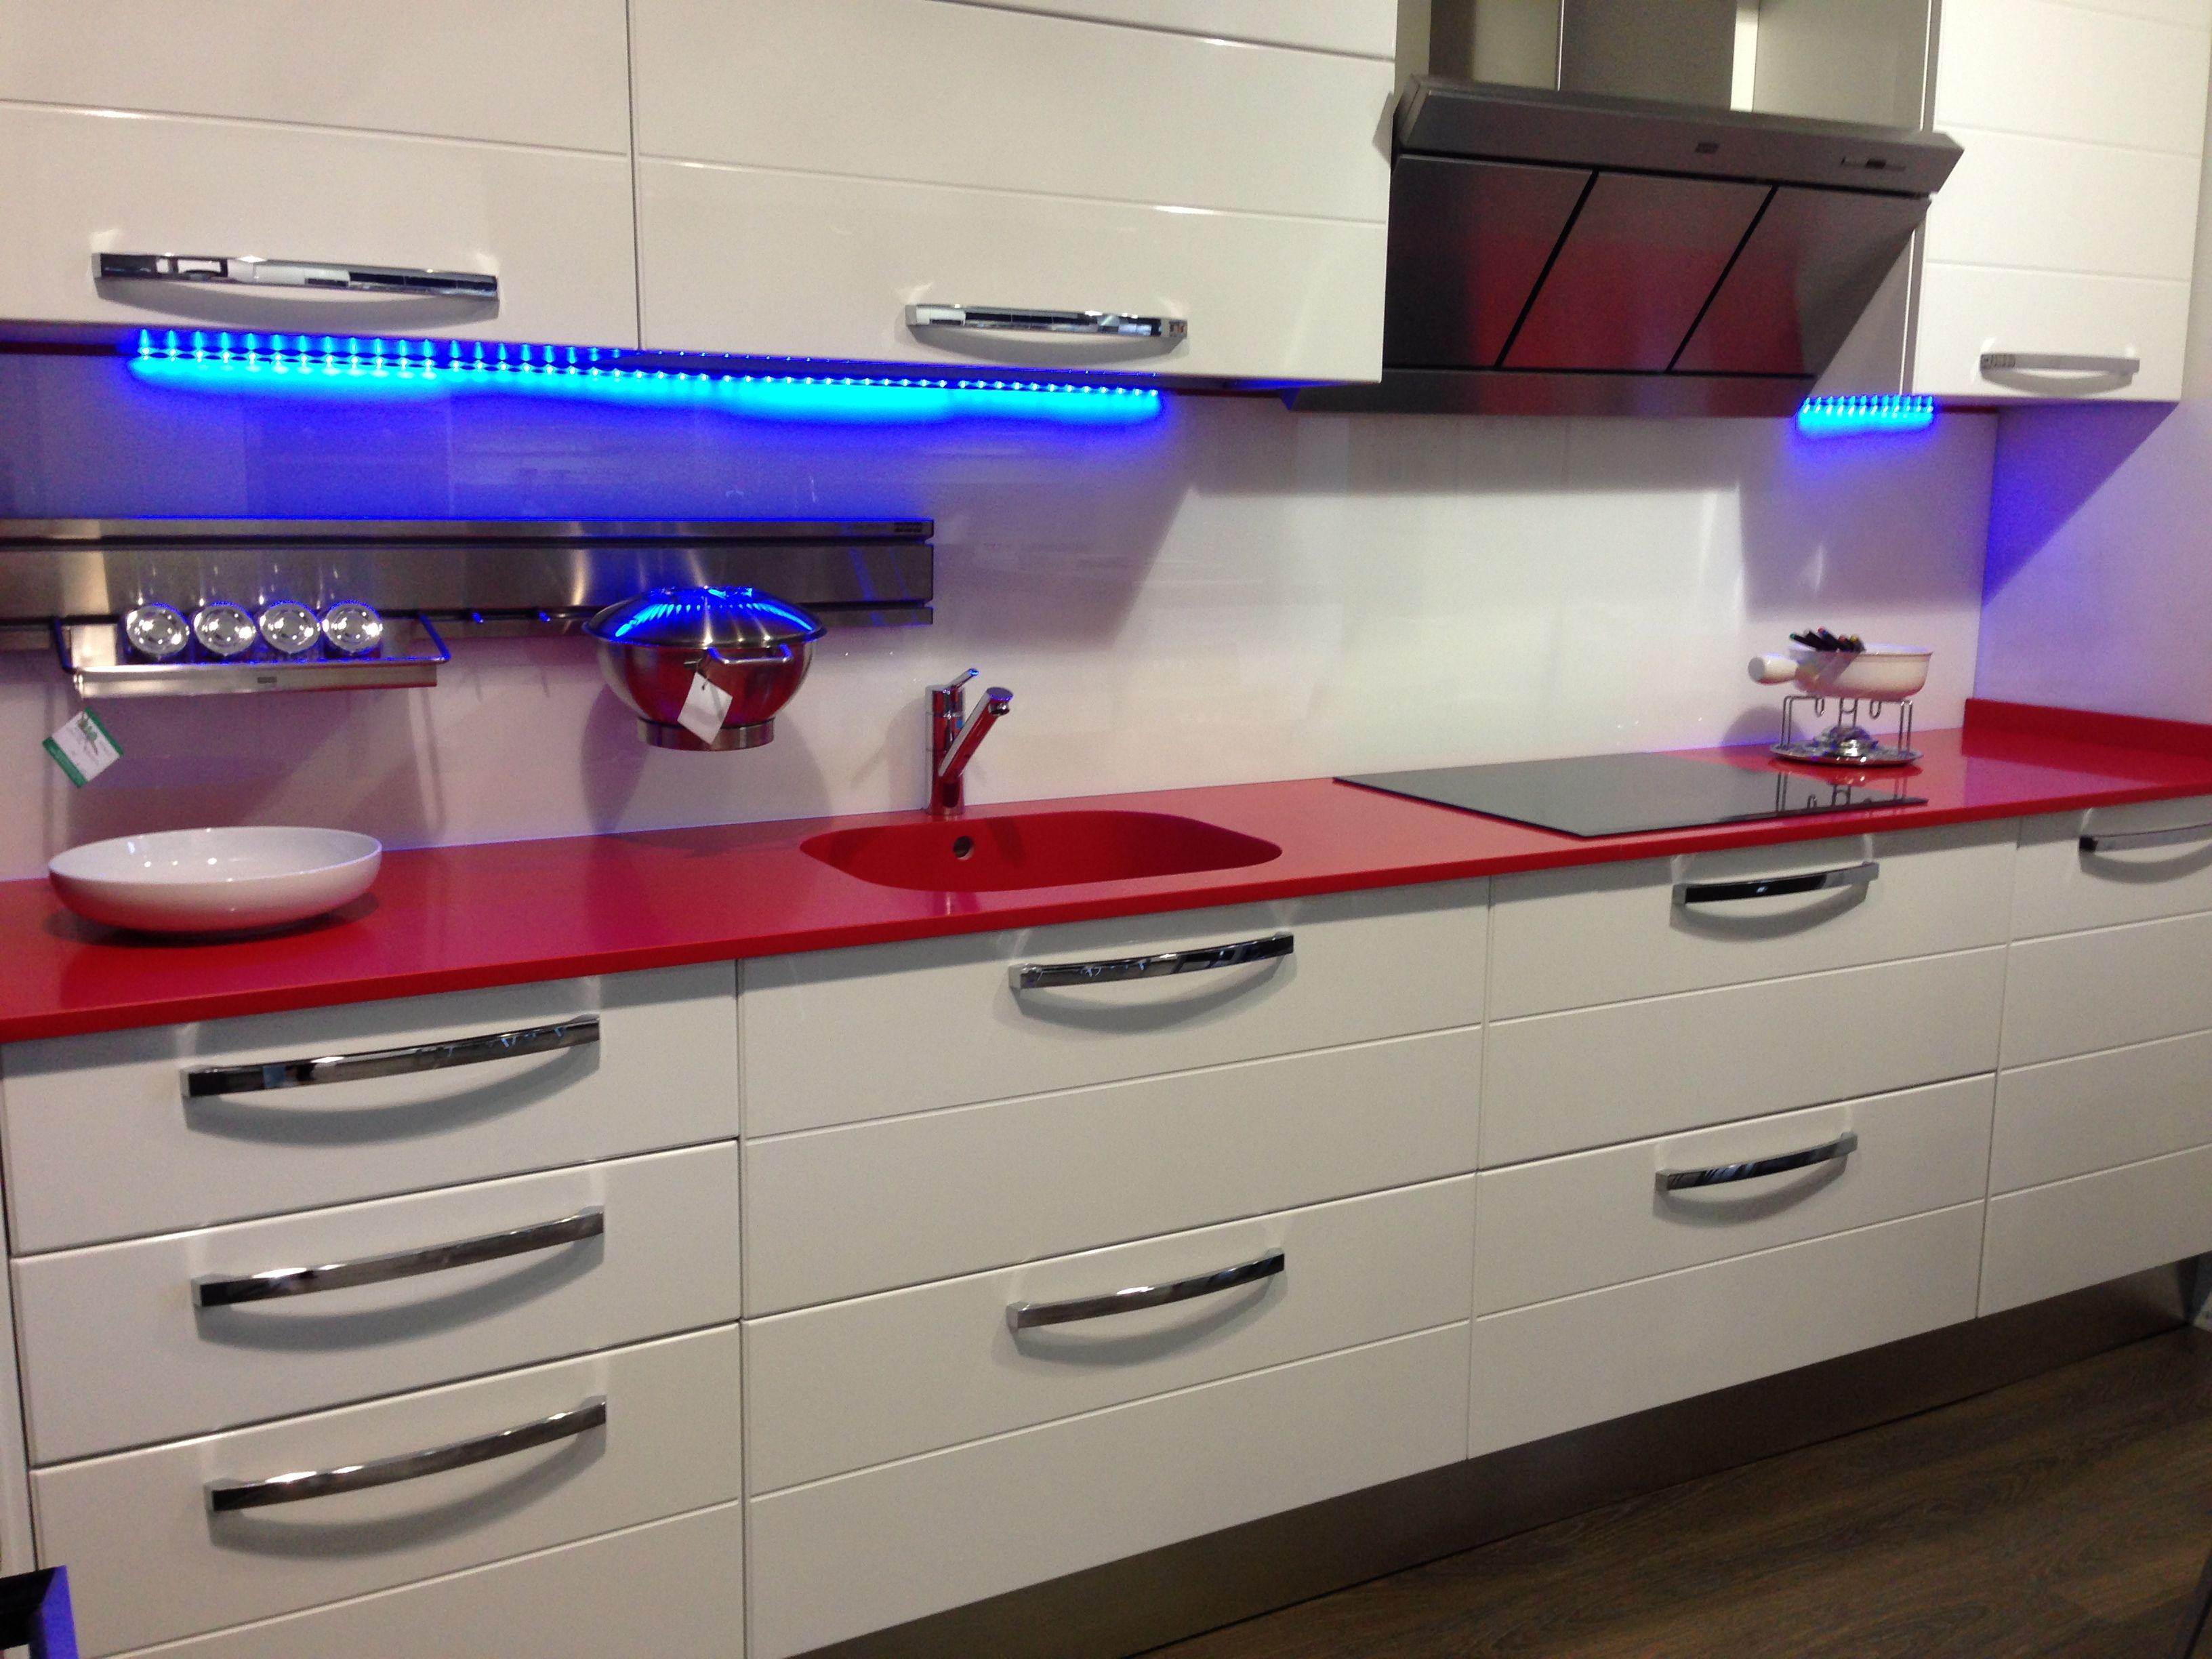 Laca blanca encimera silestone rojo eros fotos de for Cocinas silestone colores